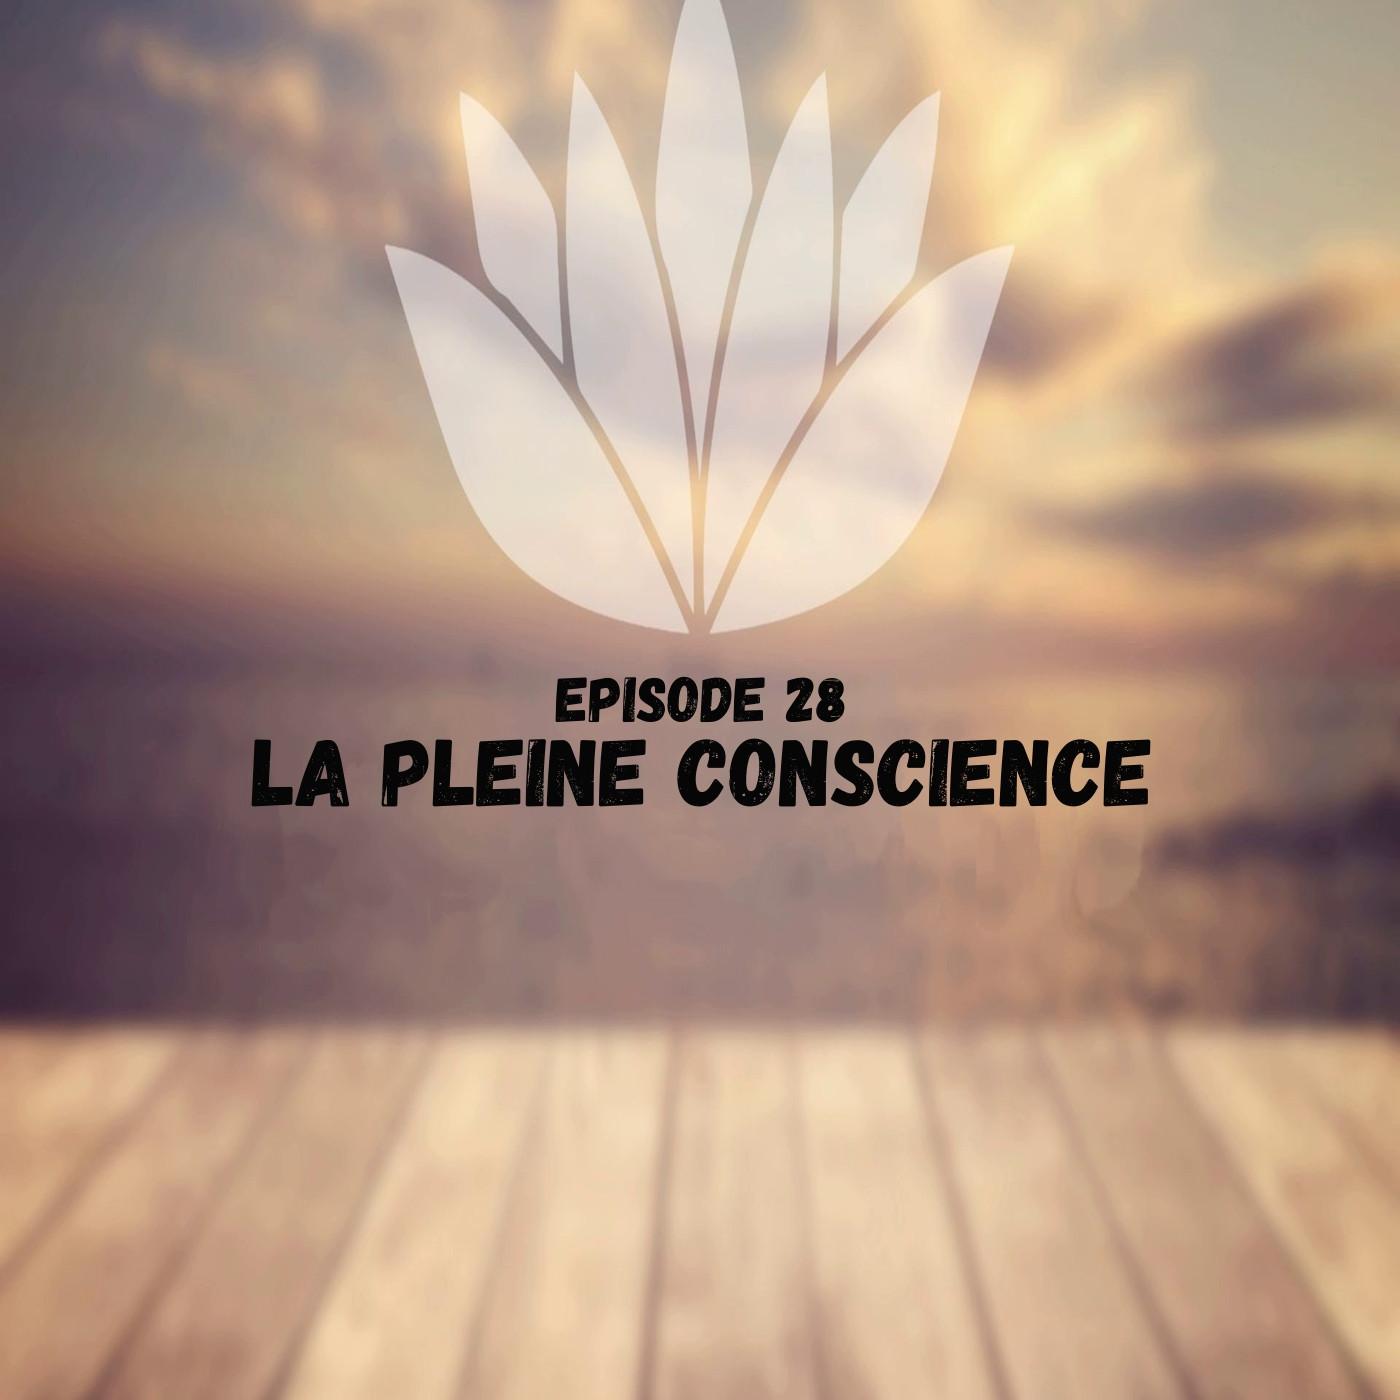 Episode 28 Pleine Conscience